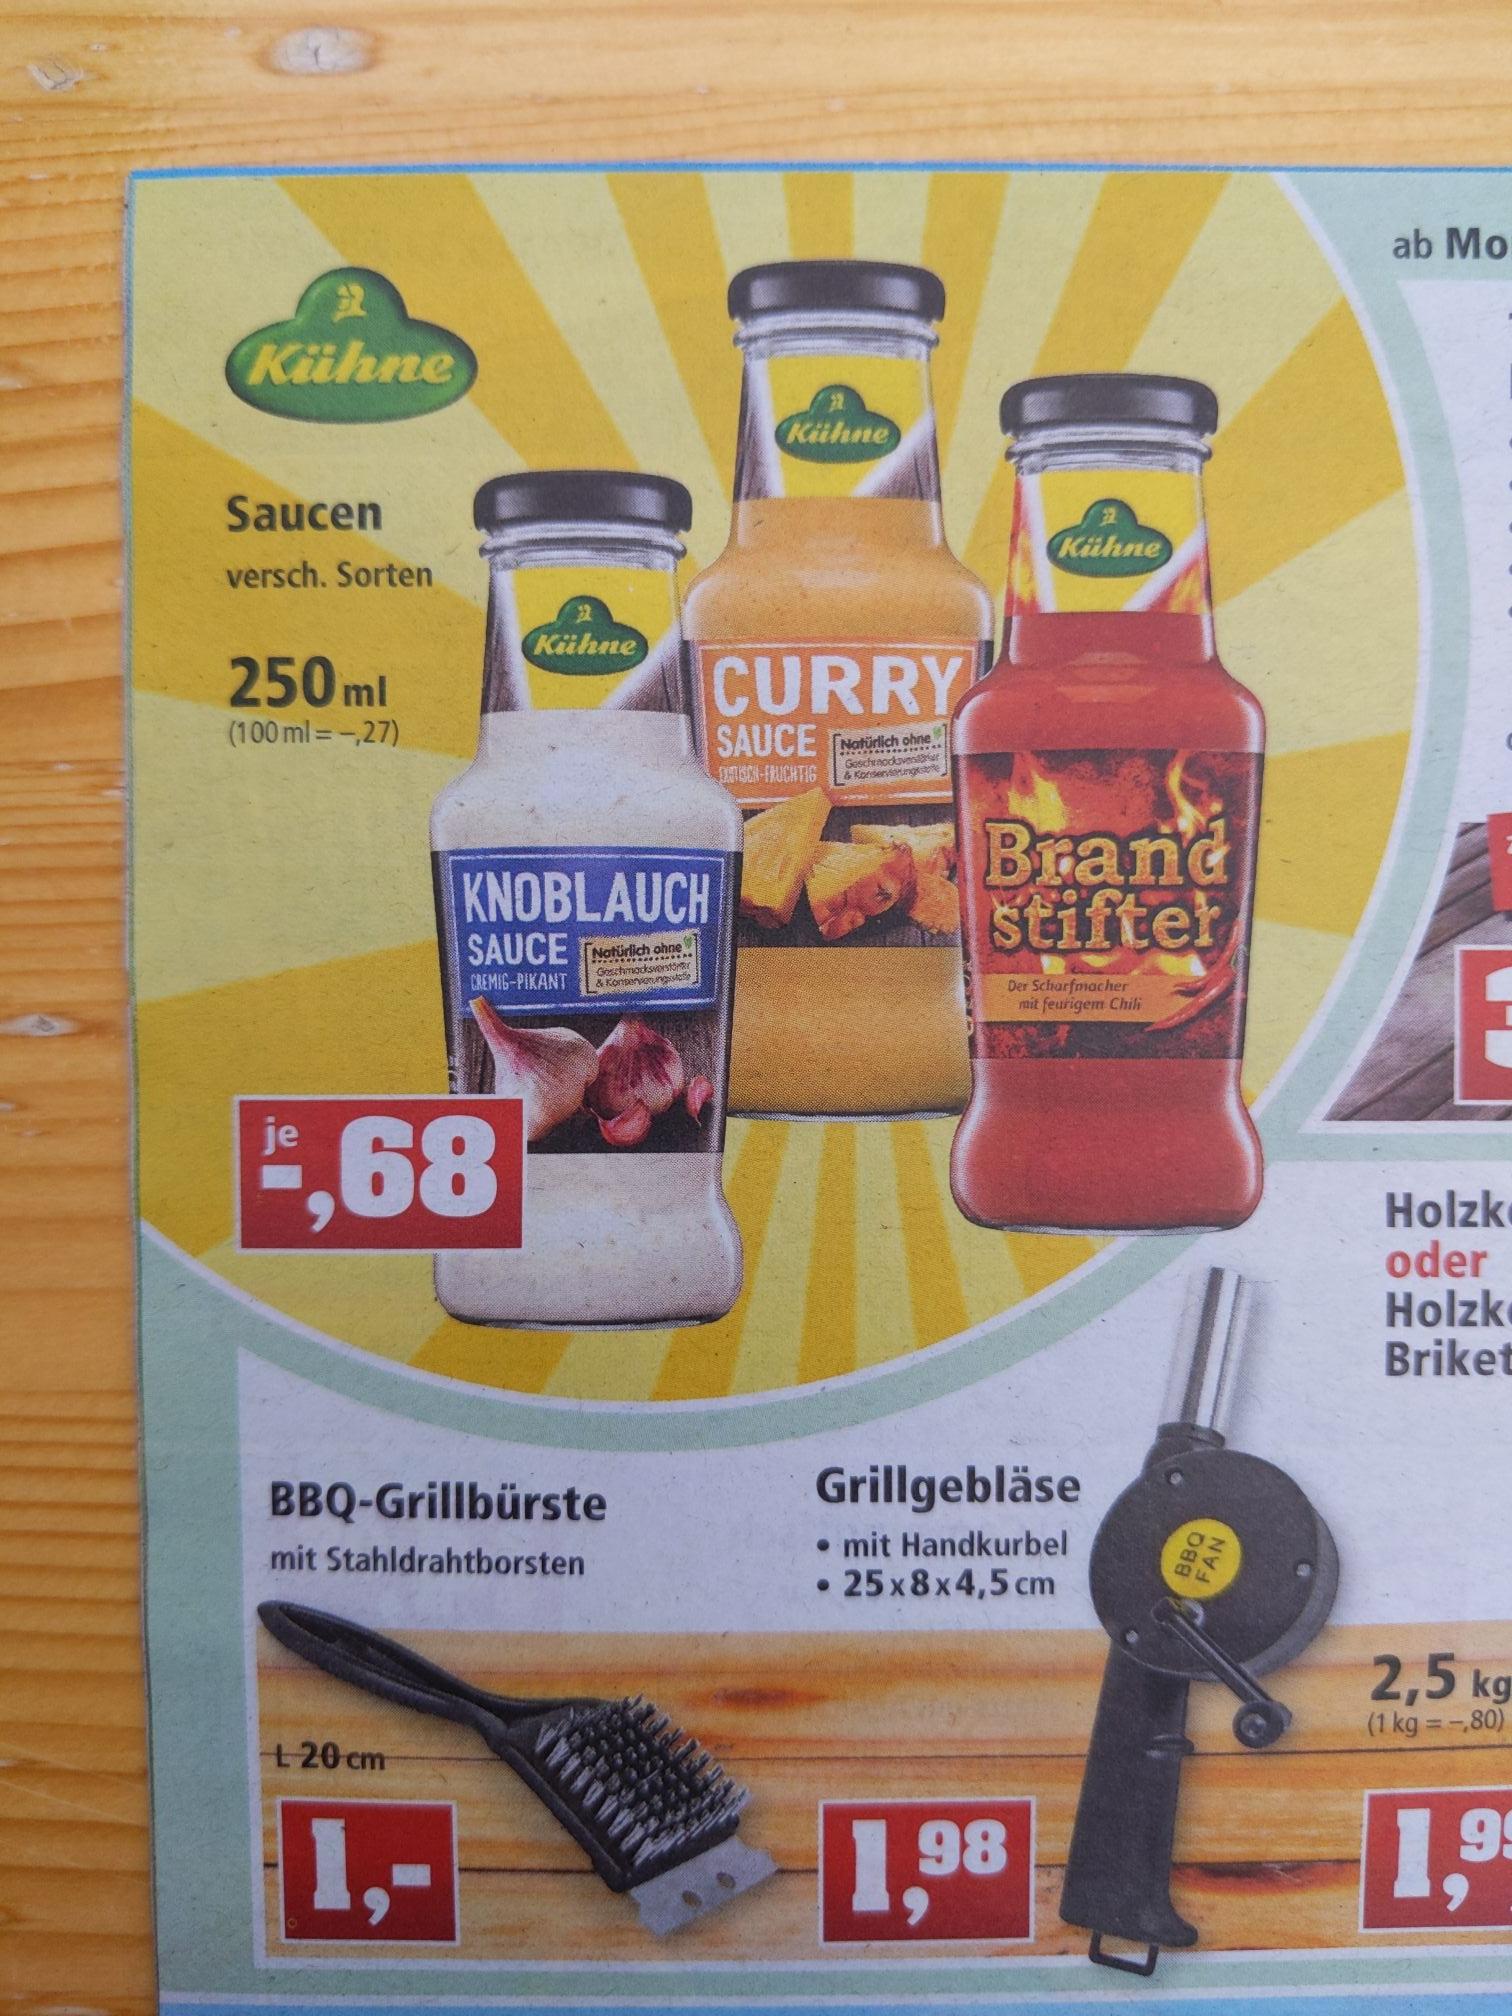 Grillsaucen Kühne - Curry, Knoblauch, etc. Thomas Philipps - wo sonst ;)